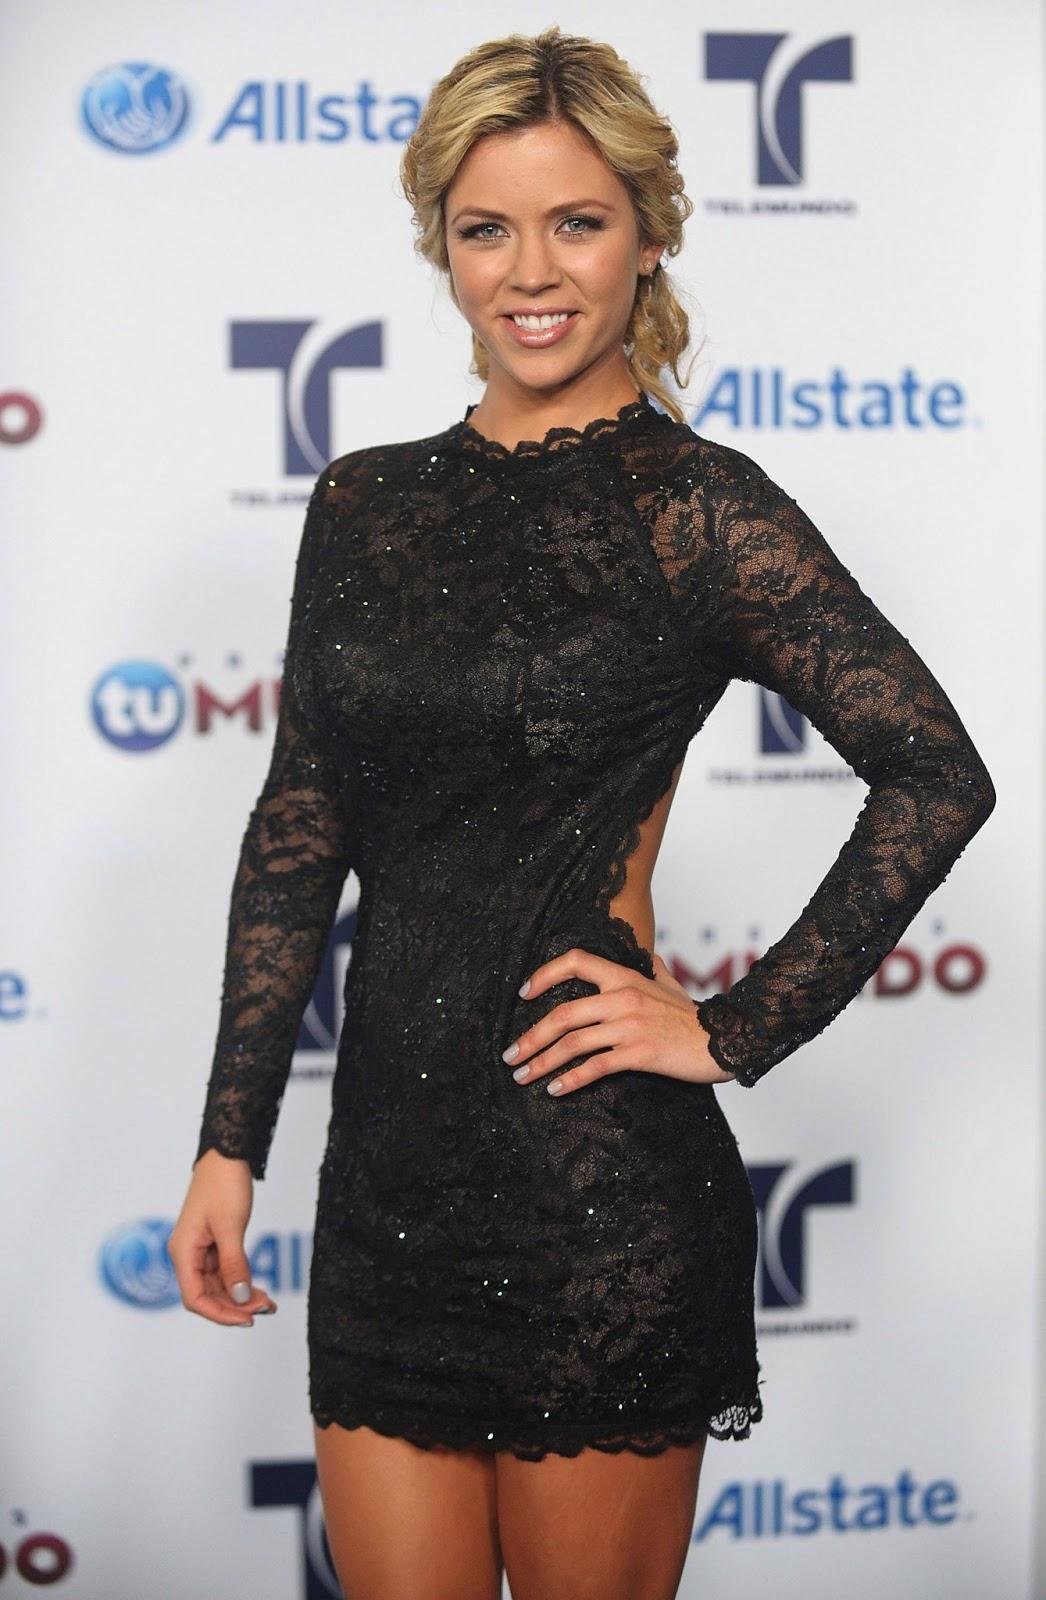 Ximena Duque 2013 penetrating beauty: Xi...